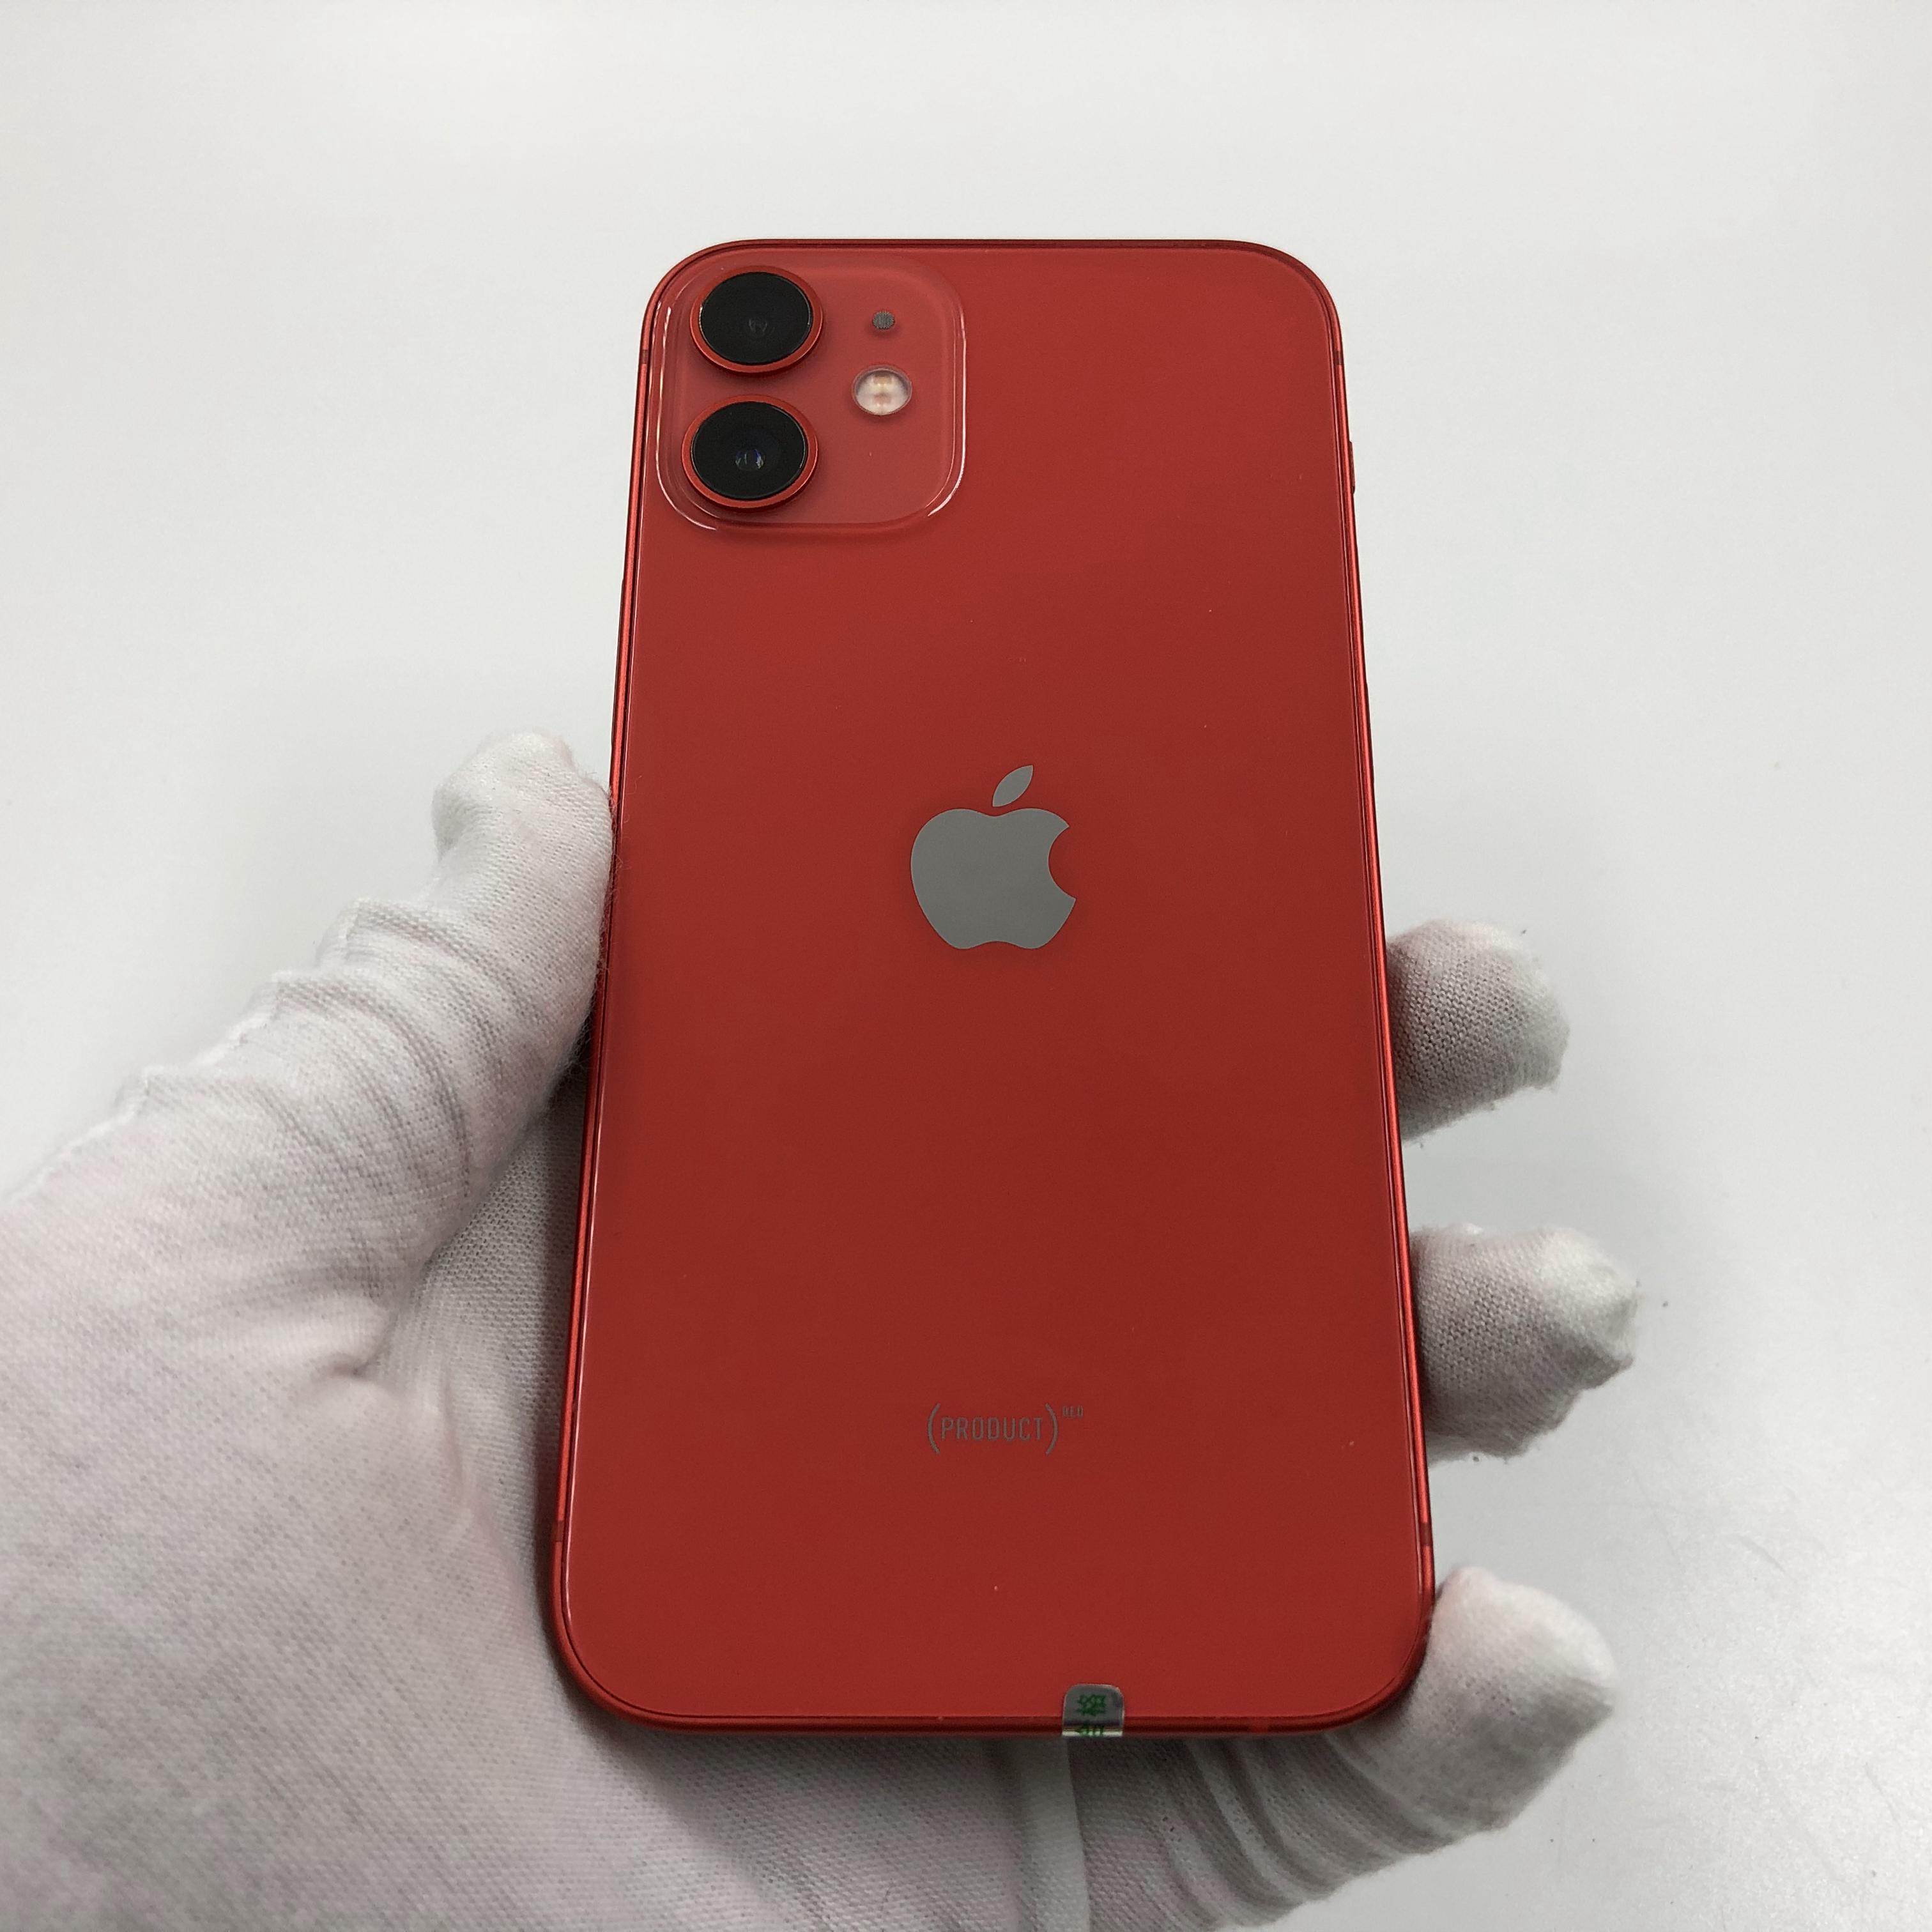 苹果【iPhone 12 mini】5G全网通 红色 128G 国行 95新 真机实拍官保2021-12-15